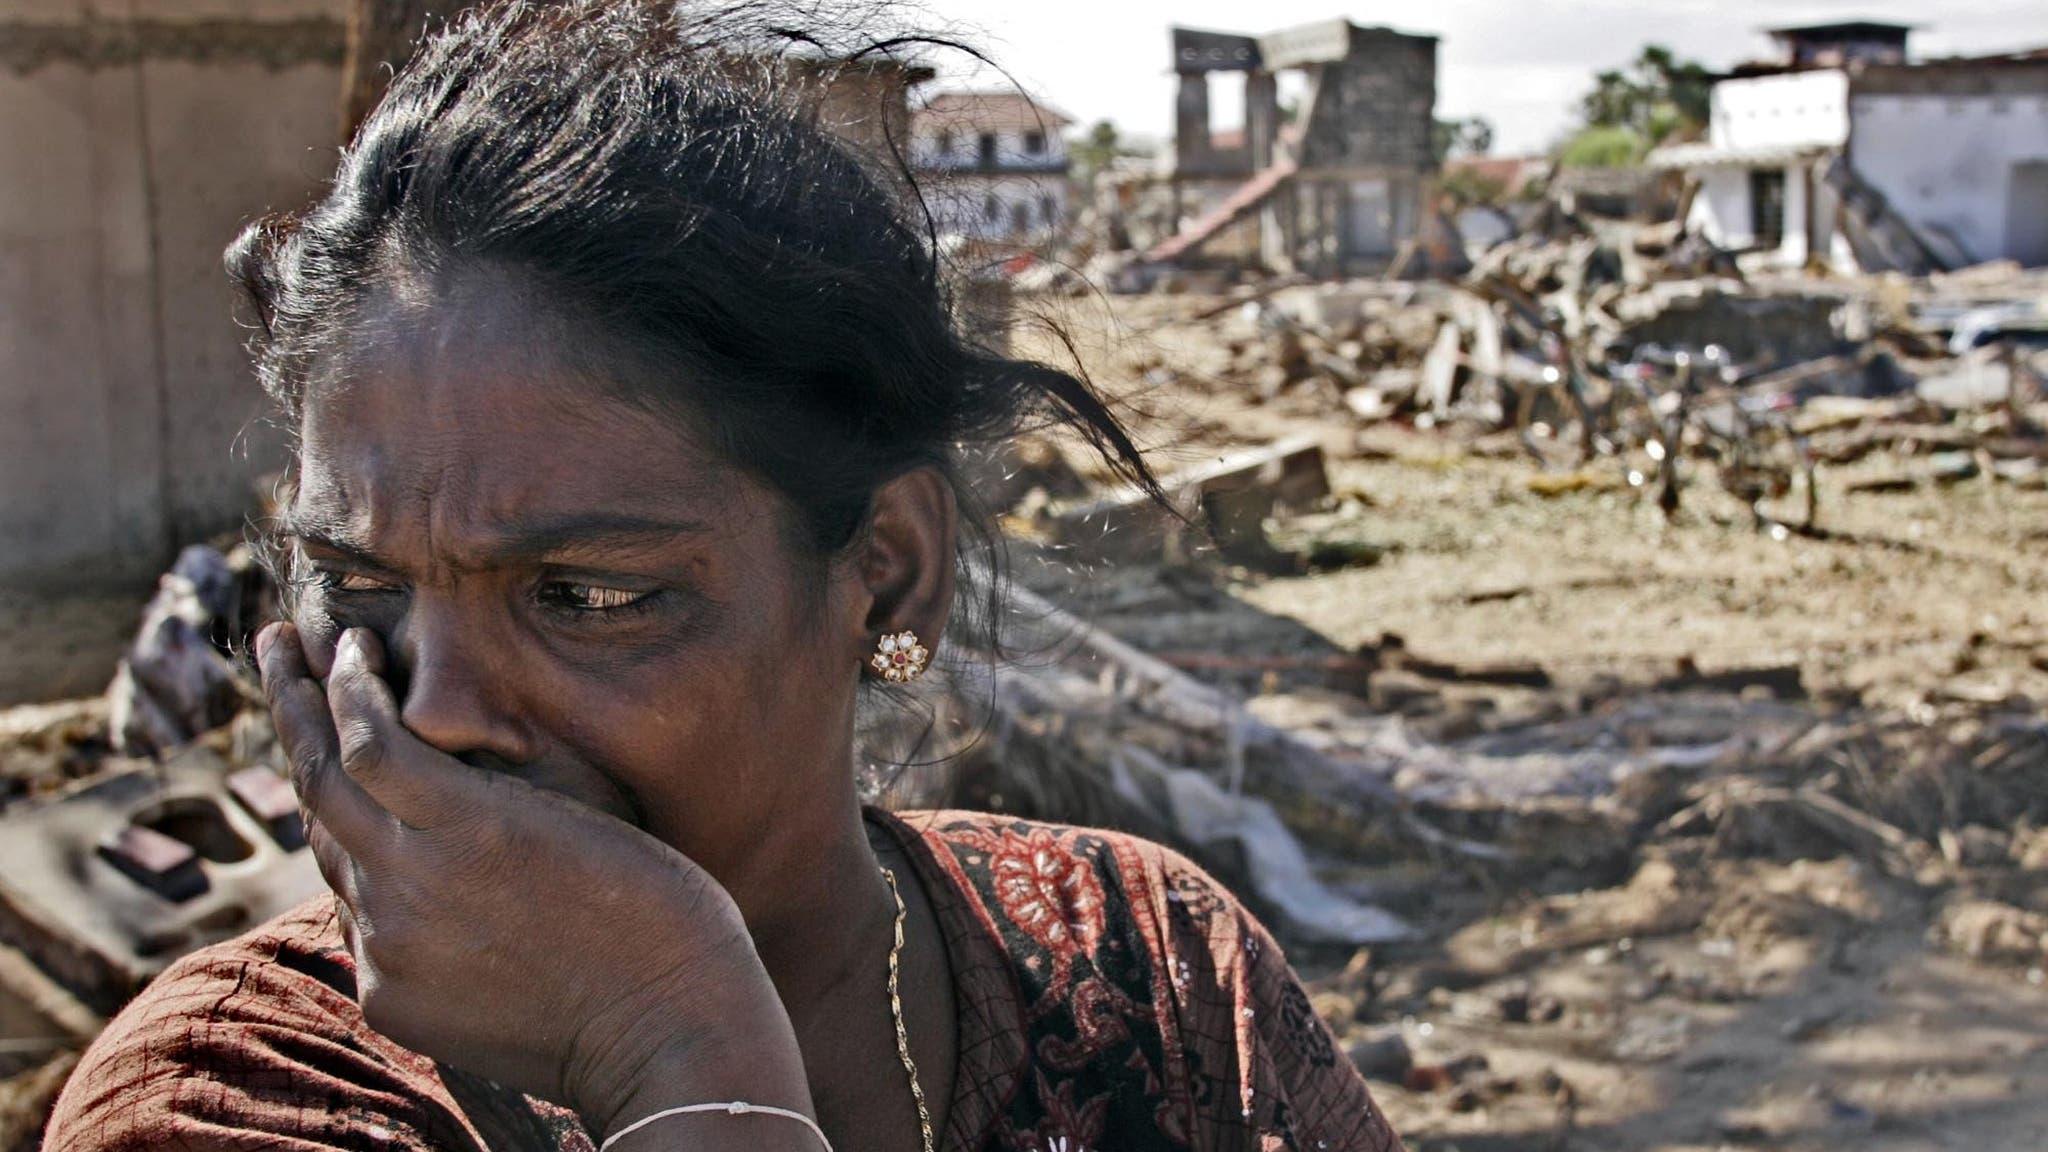 Unfassbare Trauer: Eine Frau verliert ihre beiden Kinder in den Fluten.